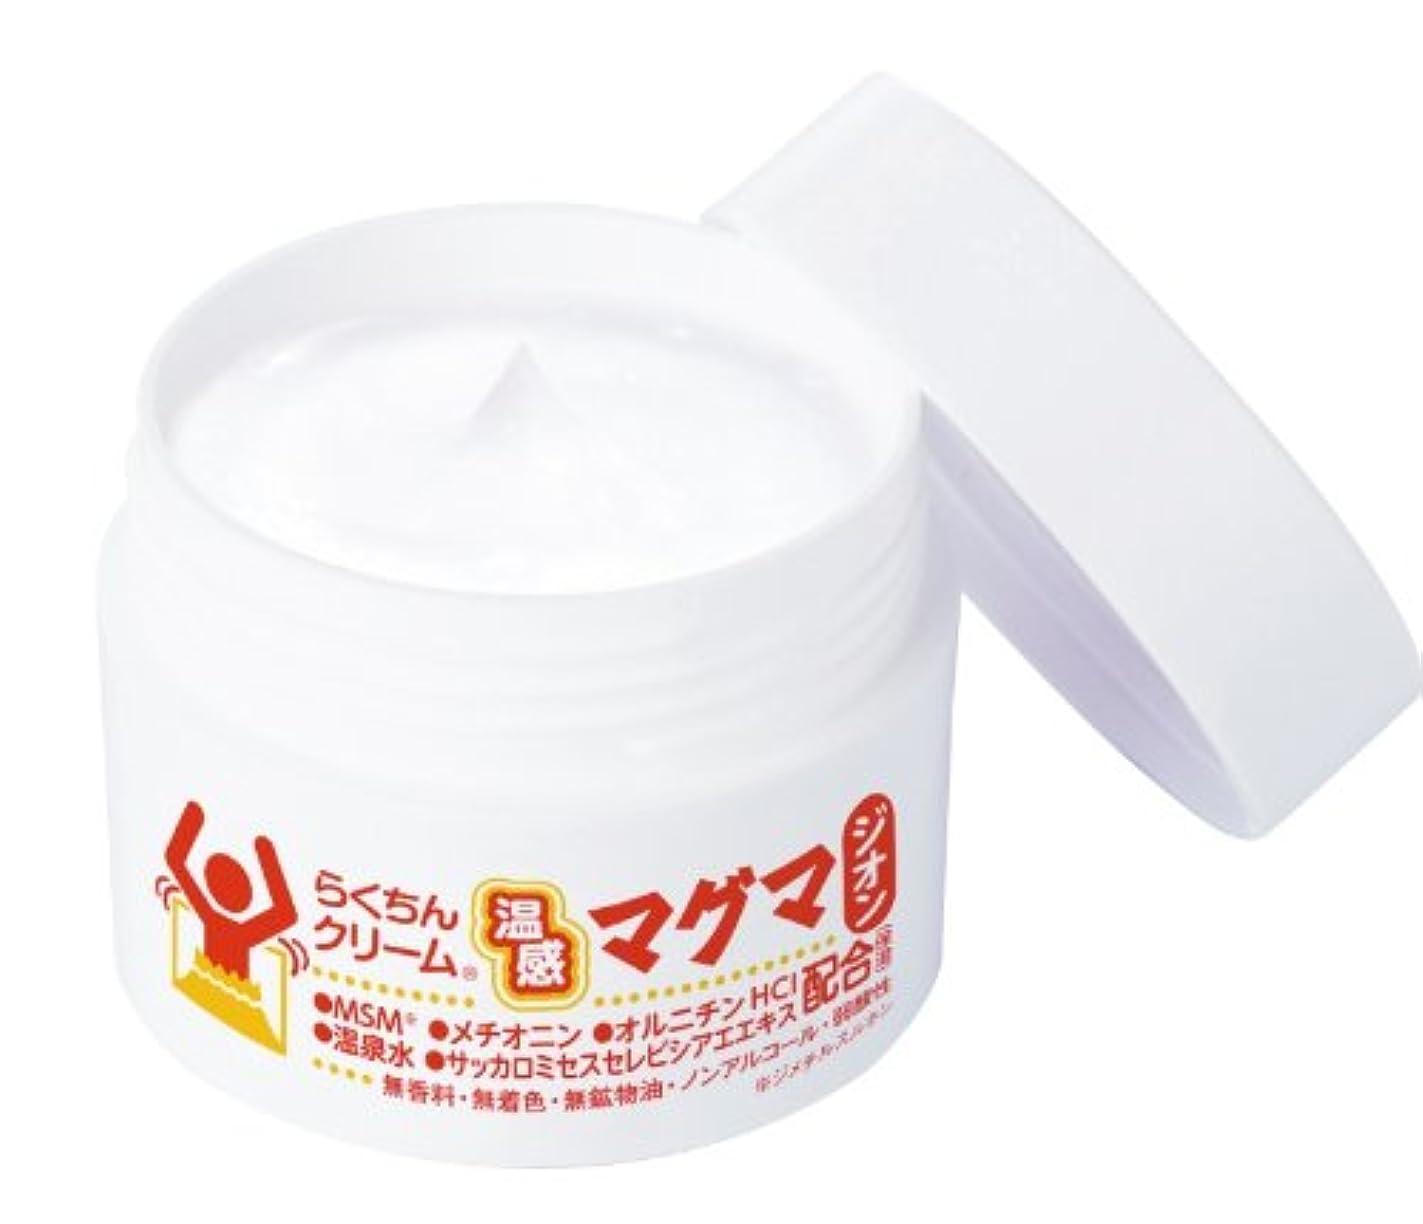 火山のコミュニケーション添付らくちんクリーム 温感マグマ ジオン 3個セット ※プロも認めたマッサージクリーム!温感マグマ!自然素材の刺激がリラックス気分をもたらせます!